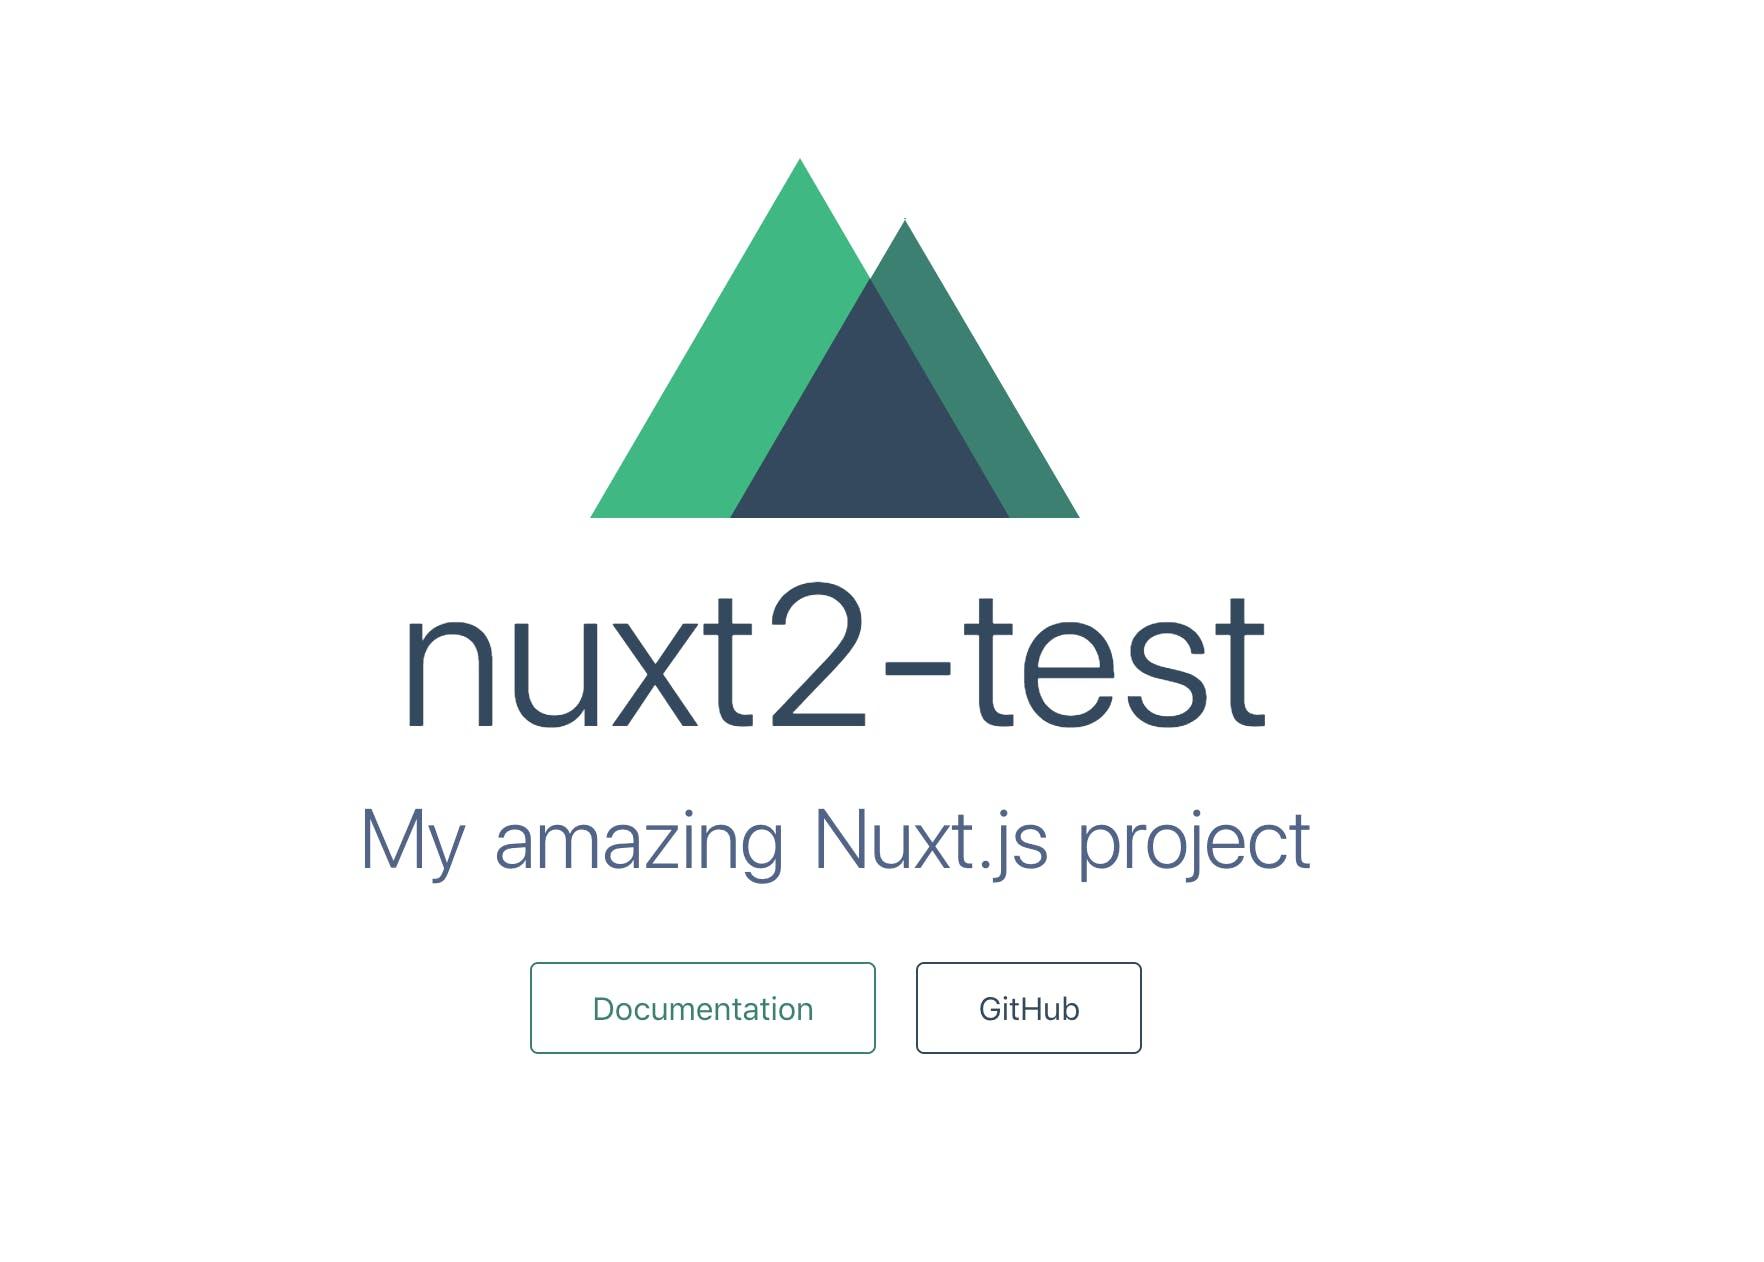 nuxt2-test.png